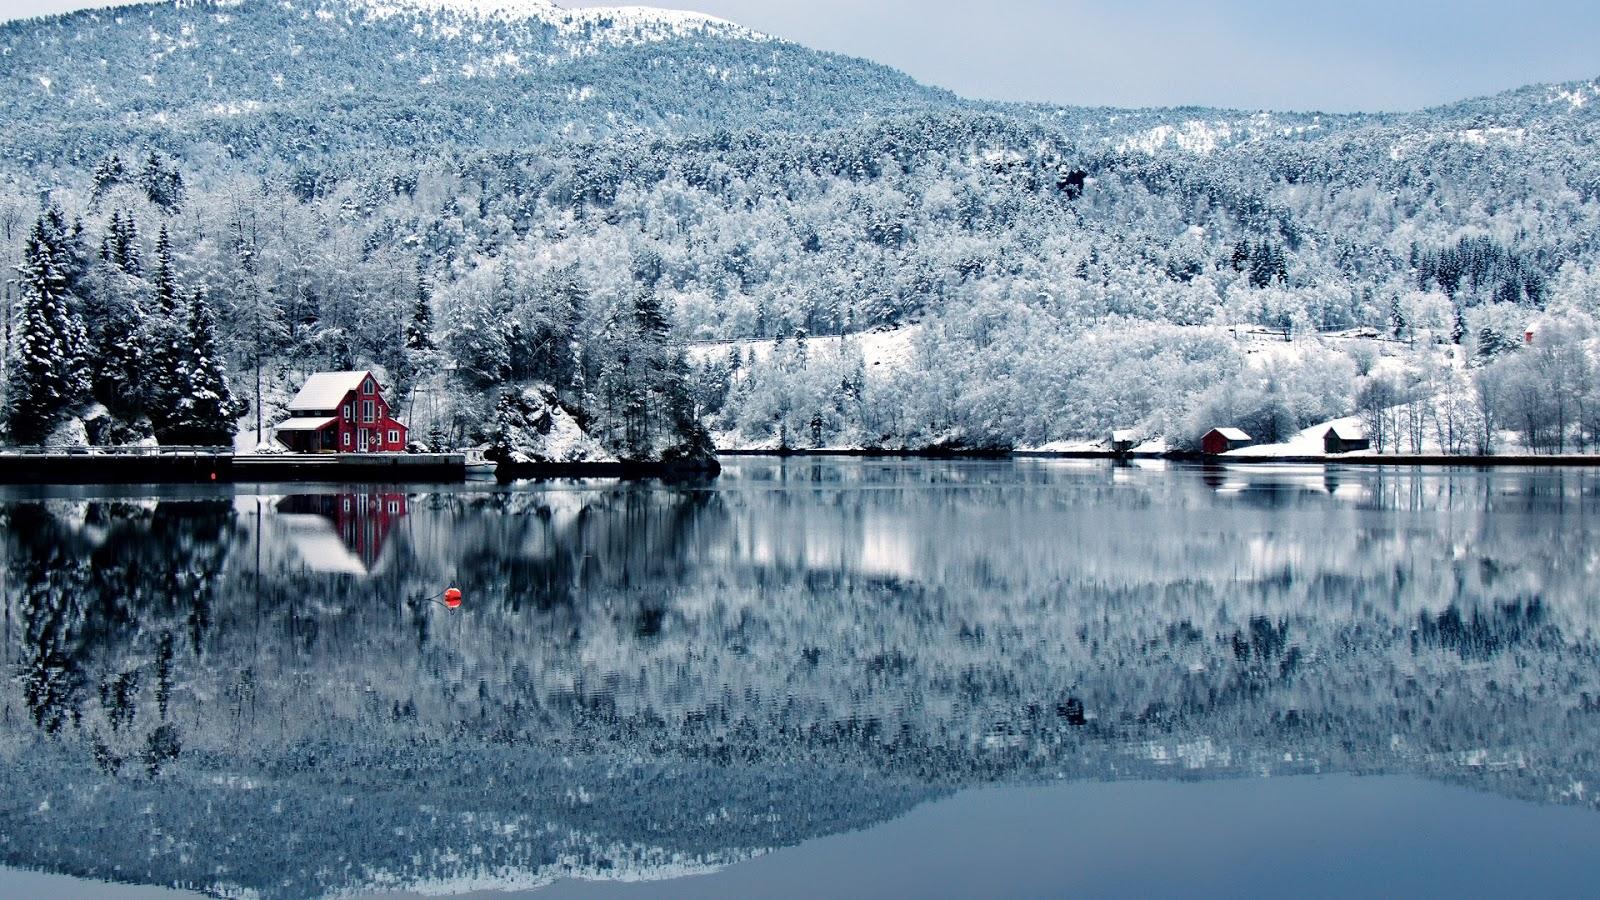 Fondo Escritorio Paisaje Bonita Nevada: Paisajes Nevados Para Fondo De Pantalla